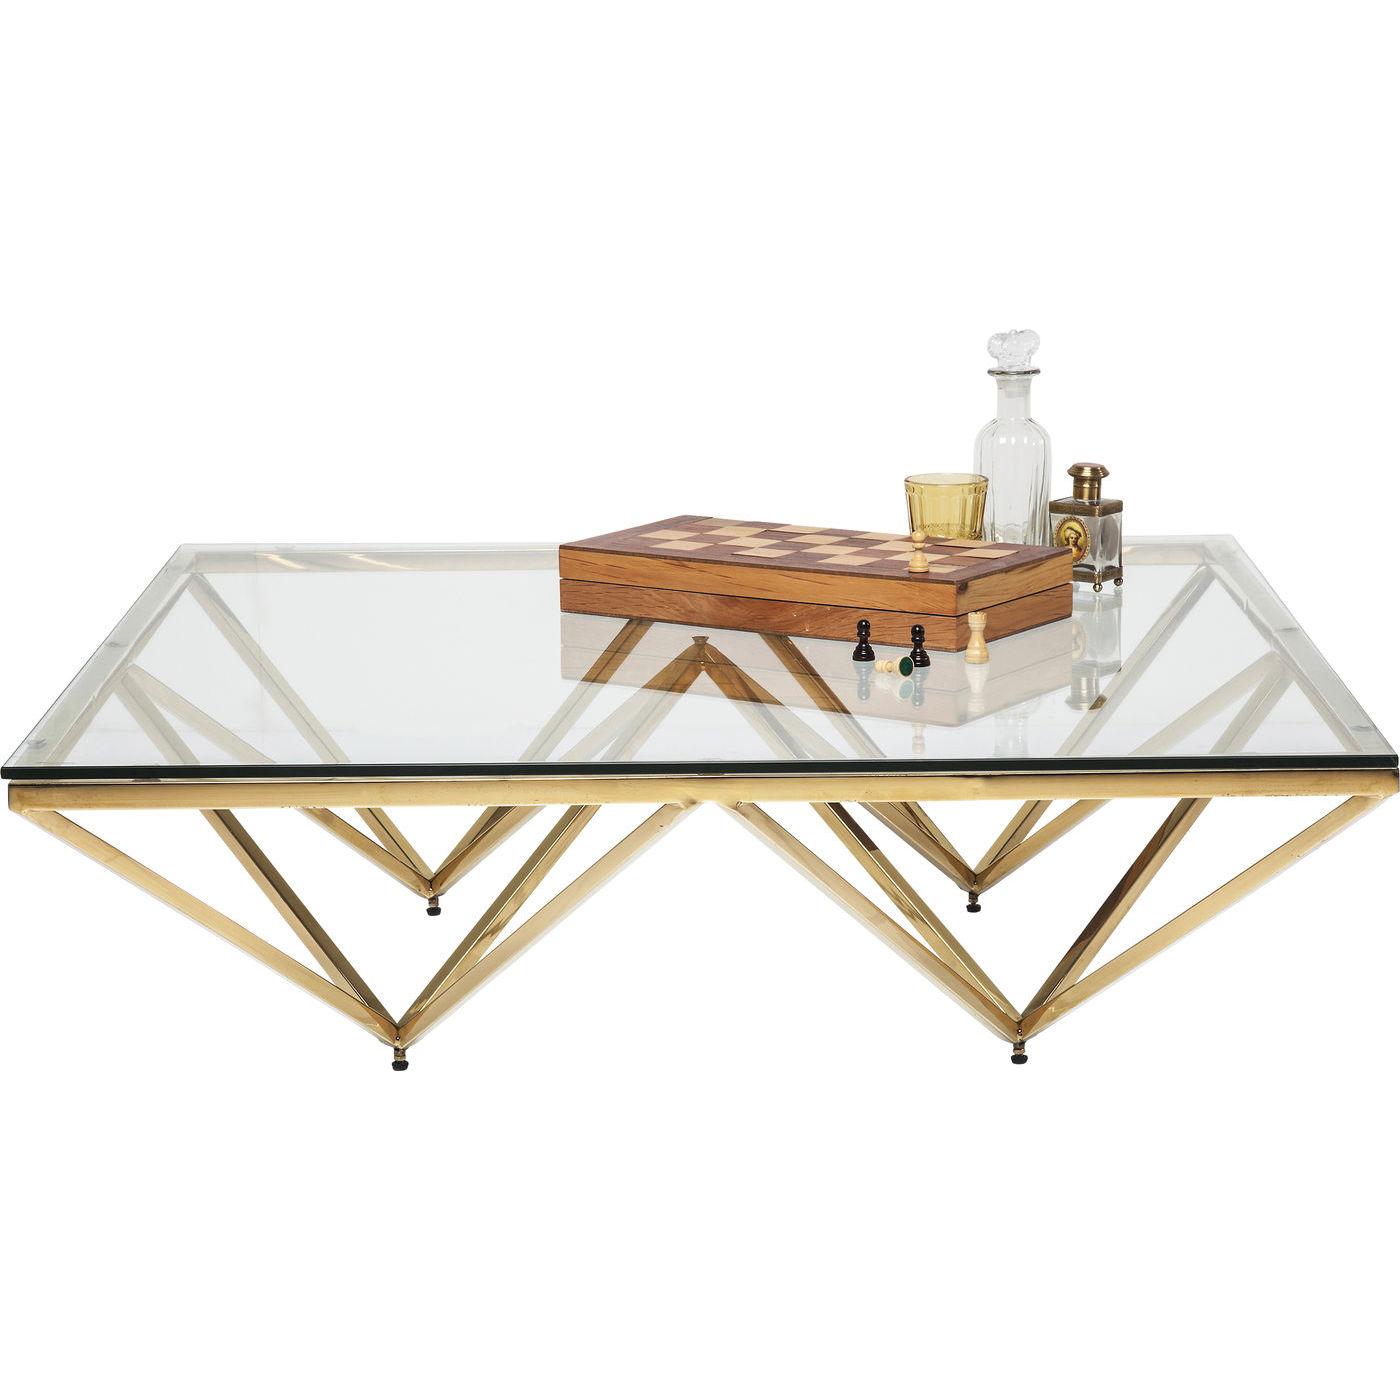 Kare design network gold sofabord - klart glas/guld stål (105x105) fra kare design fra boboonline.dk